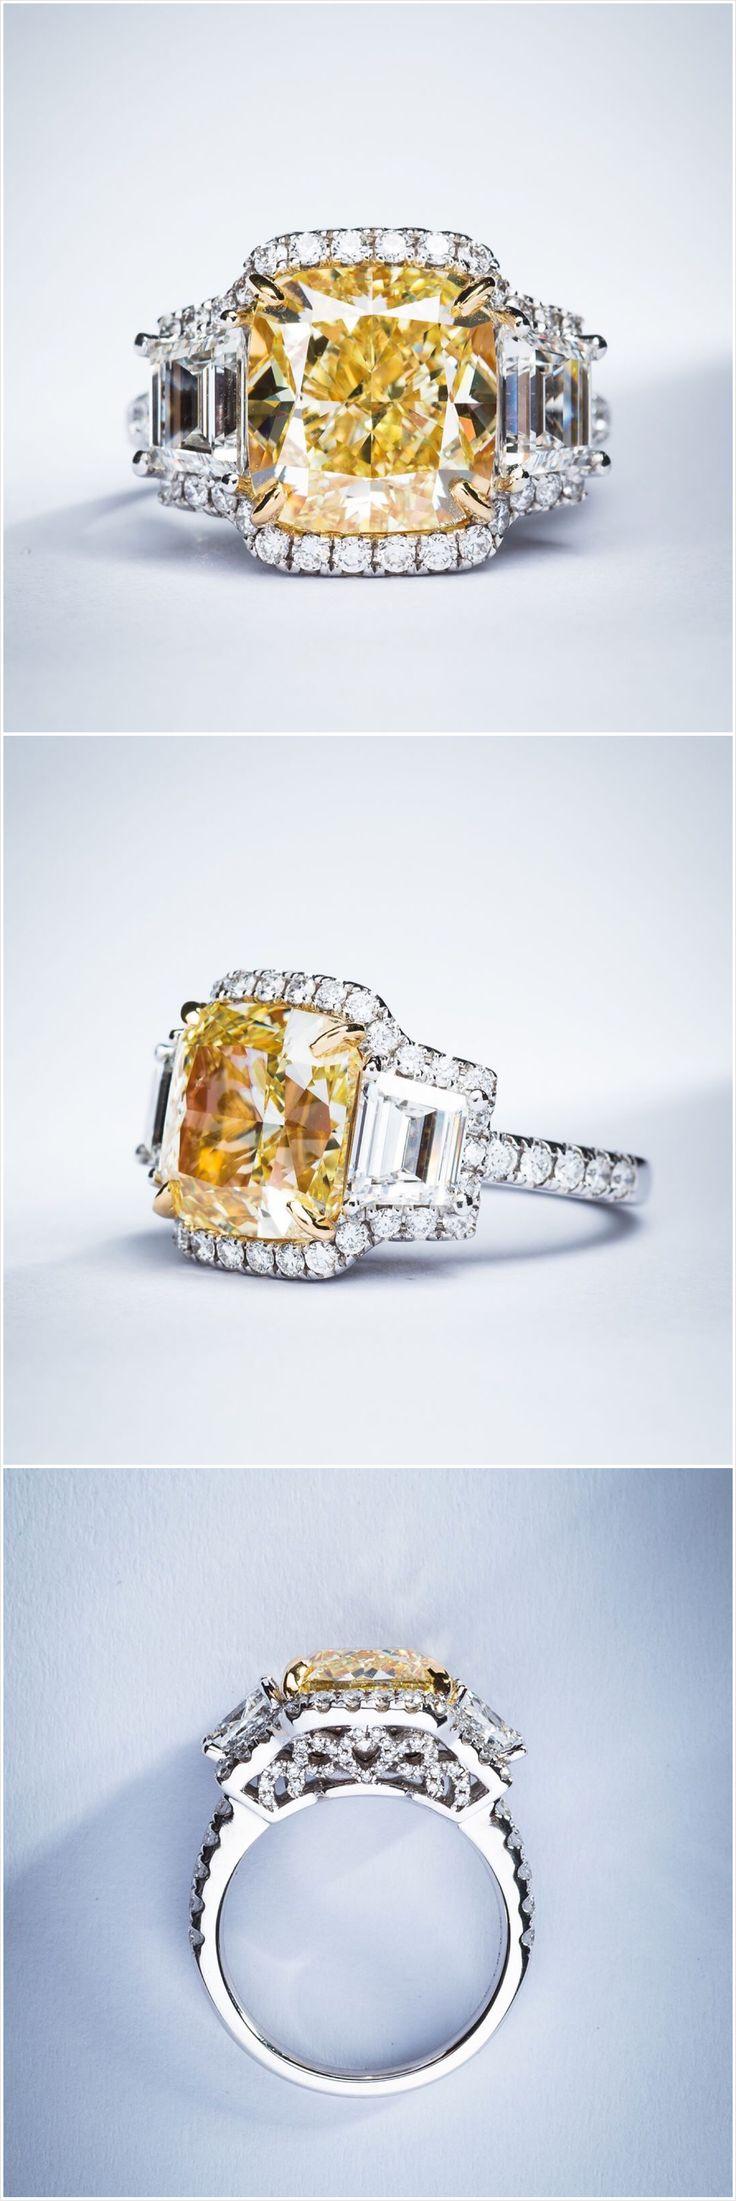 7ct Fancy Yellow VVS1 ring by Edelman Diamond